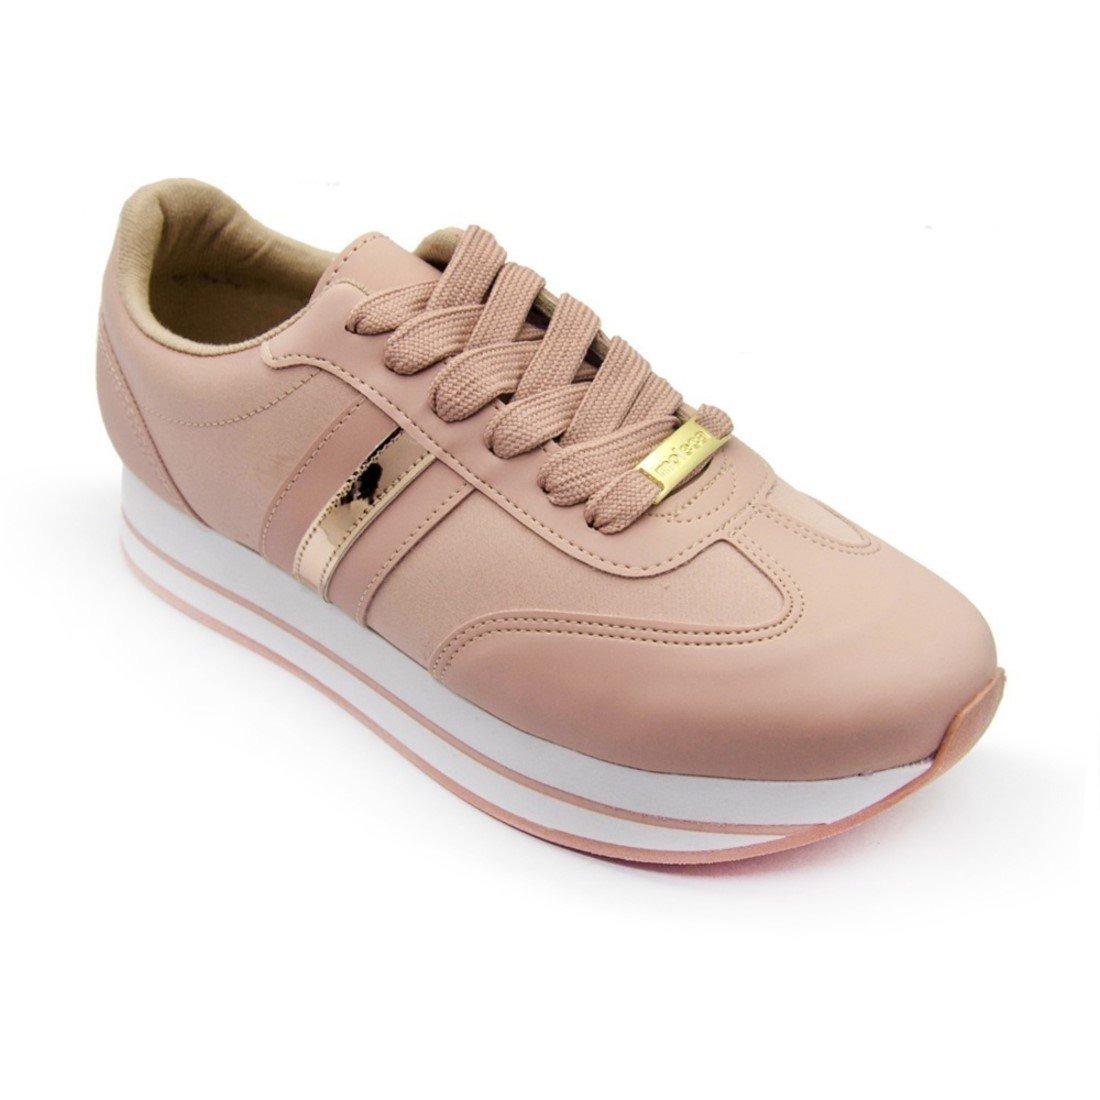 426a8f8d51 tenis feminino original moleca flatform rosa nude 5627110. Carregando zoom.